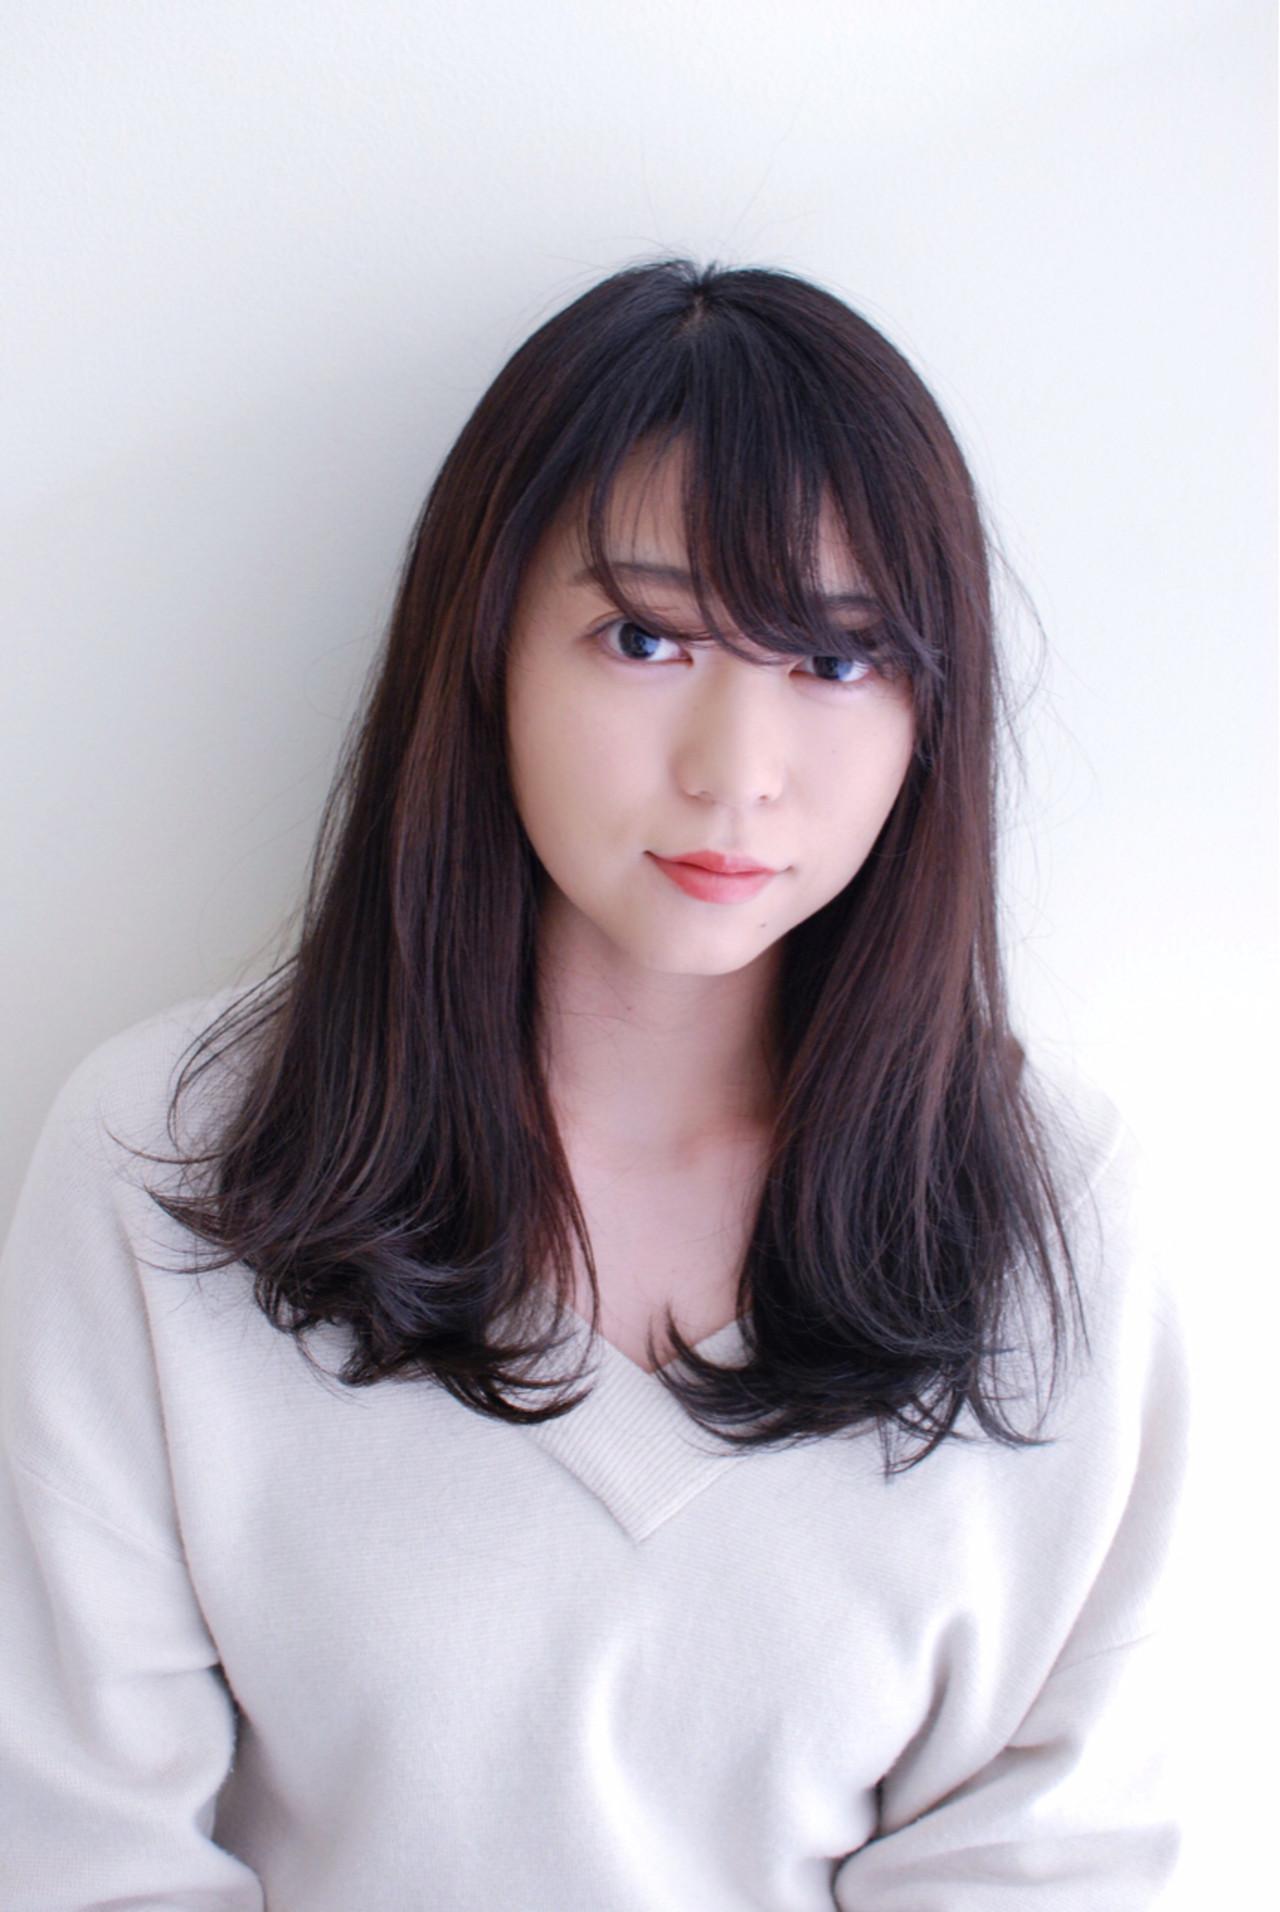 流し前髪 アッシュ ロング ナチュラル ヘアスタイルや髪型の写真・画像 | 林 真之介 / mateca hair